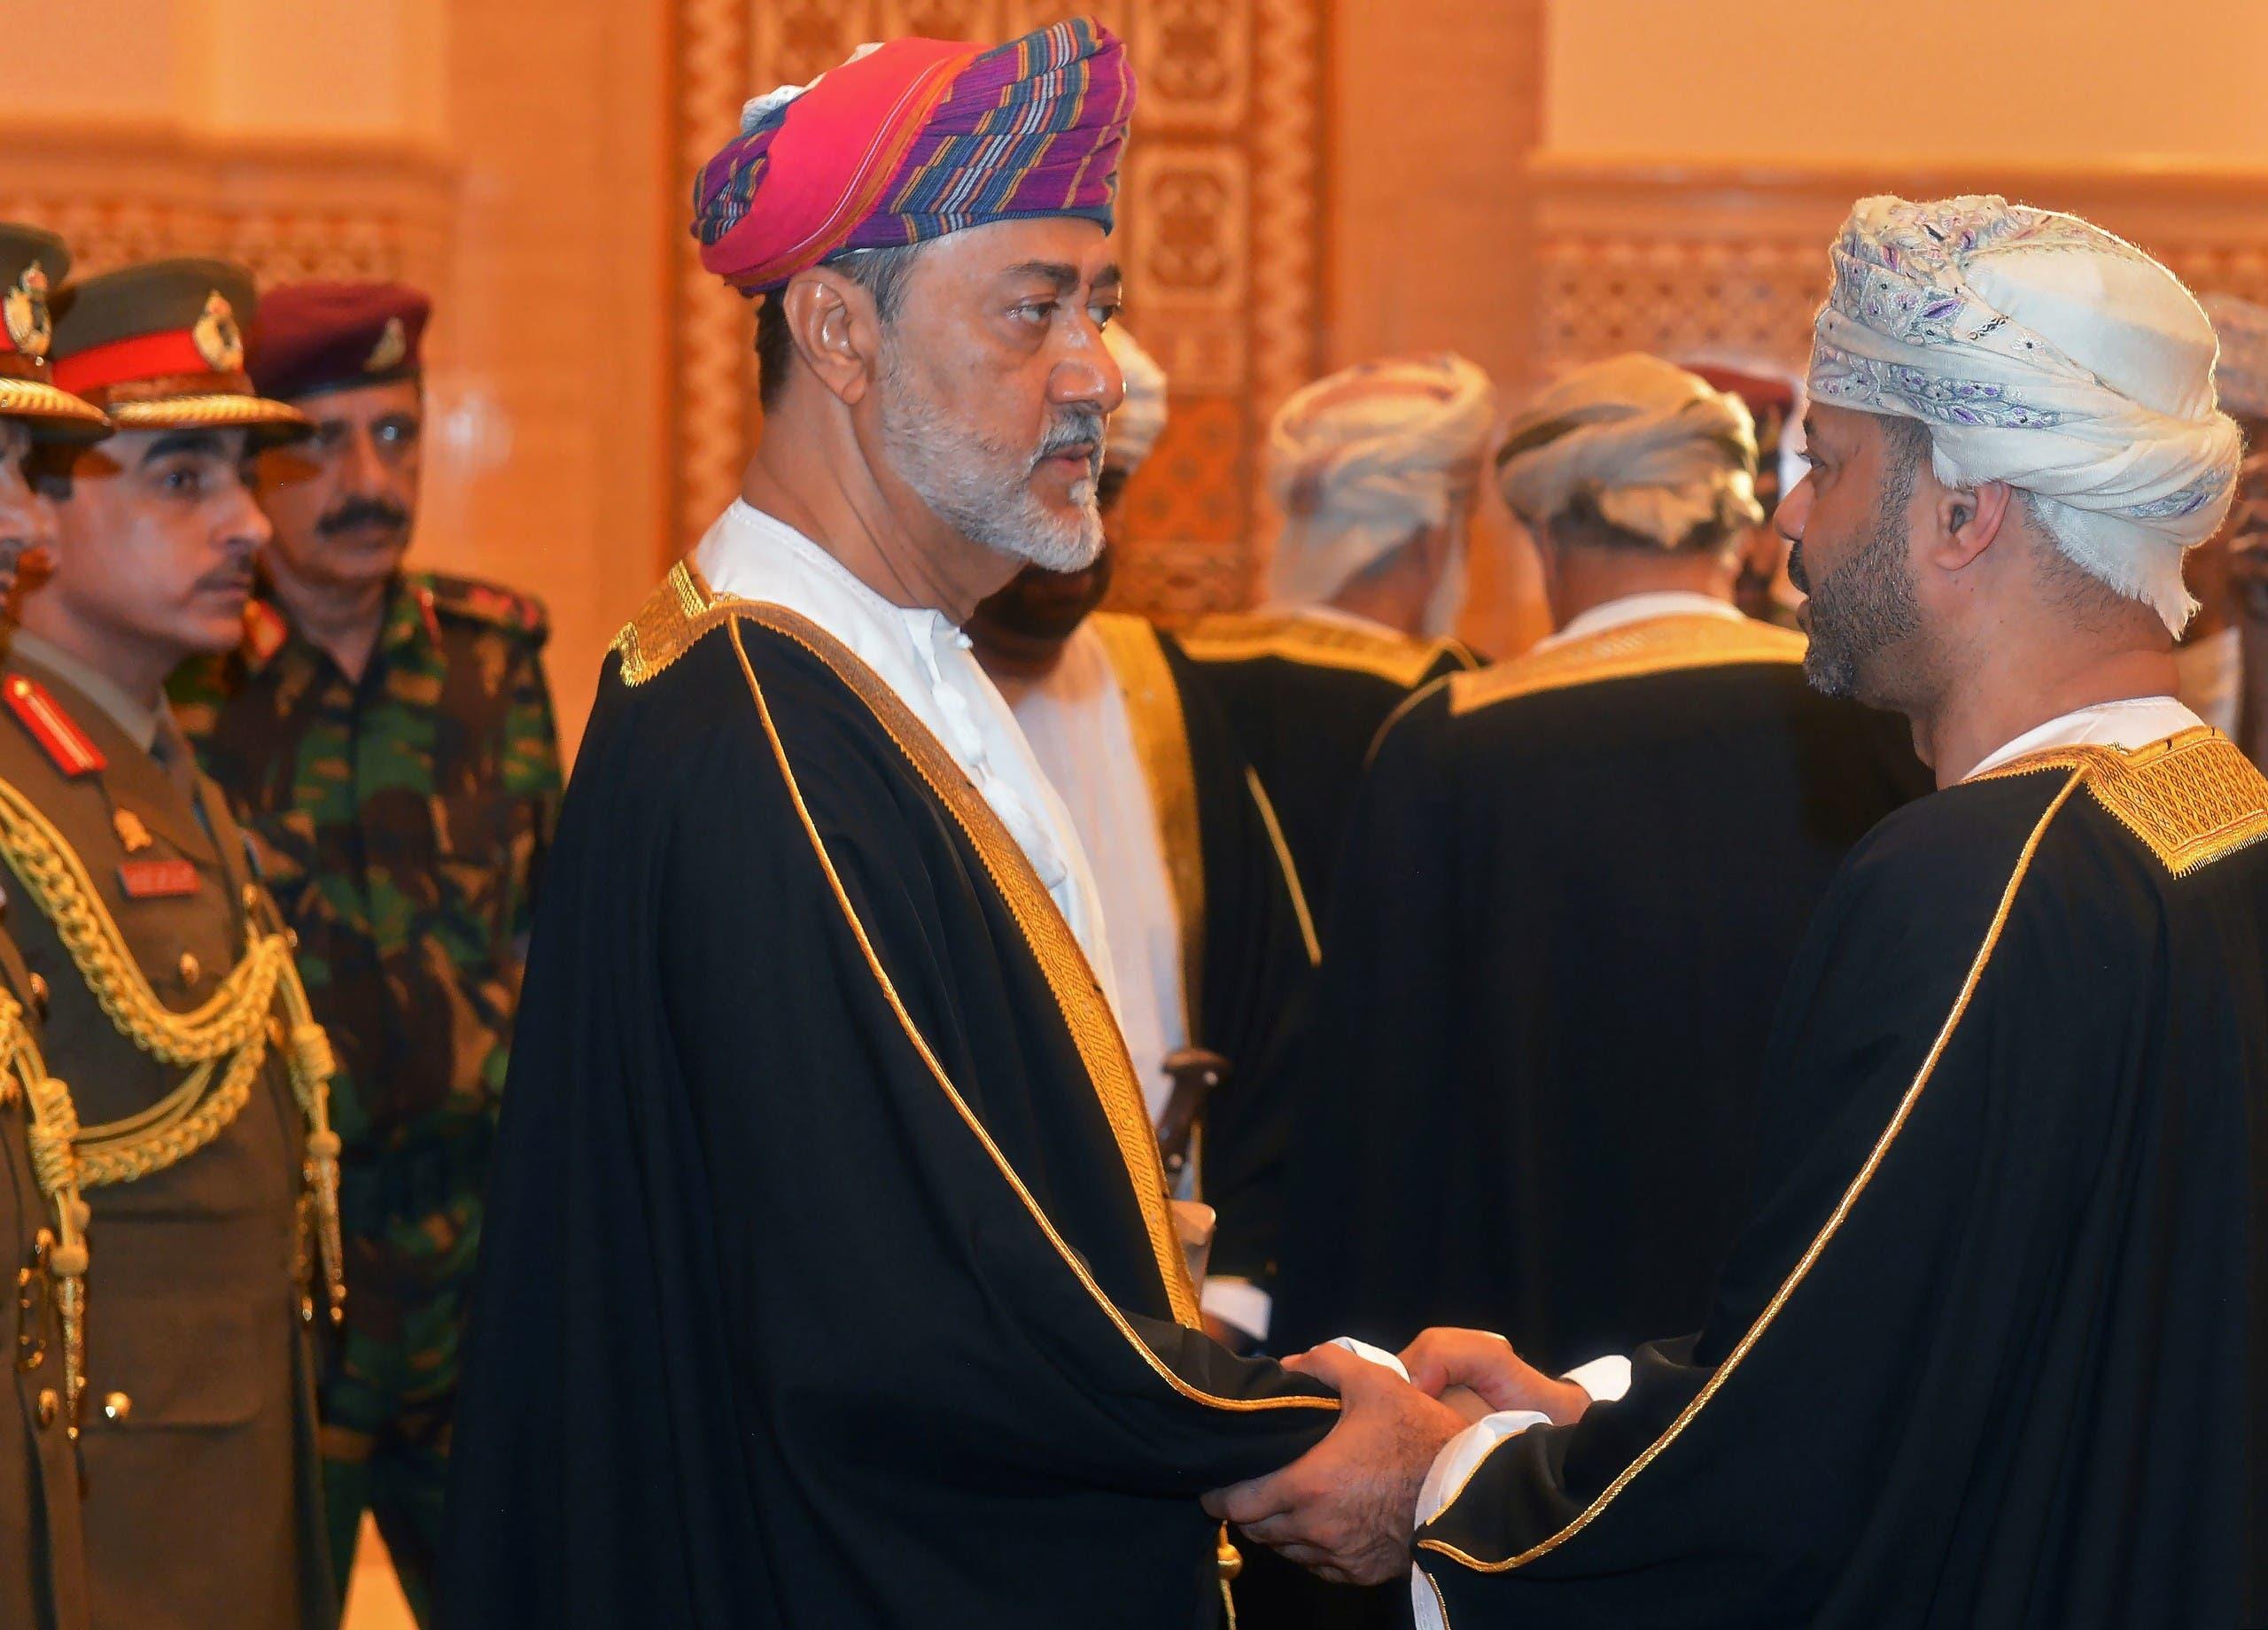 سلطان عمان هيثم بن طارق بن تيمور آل سعيد،